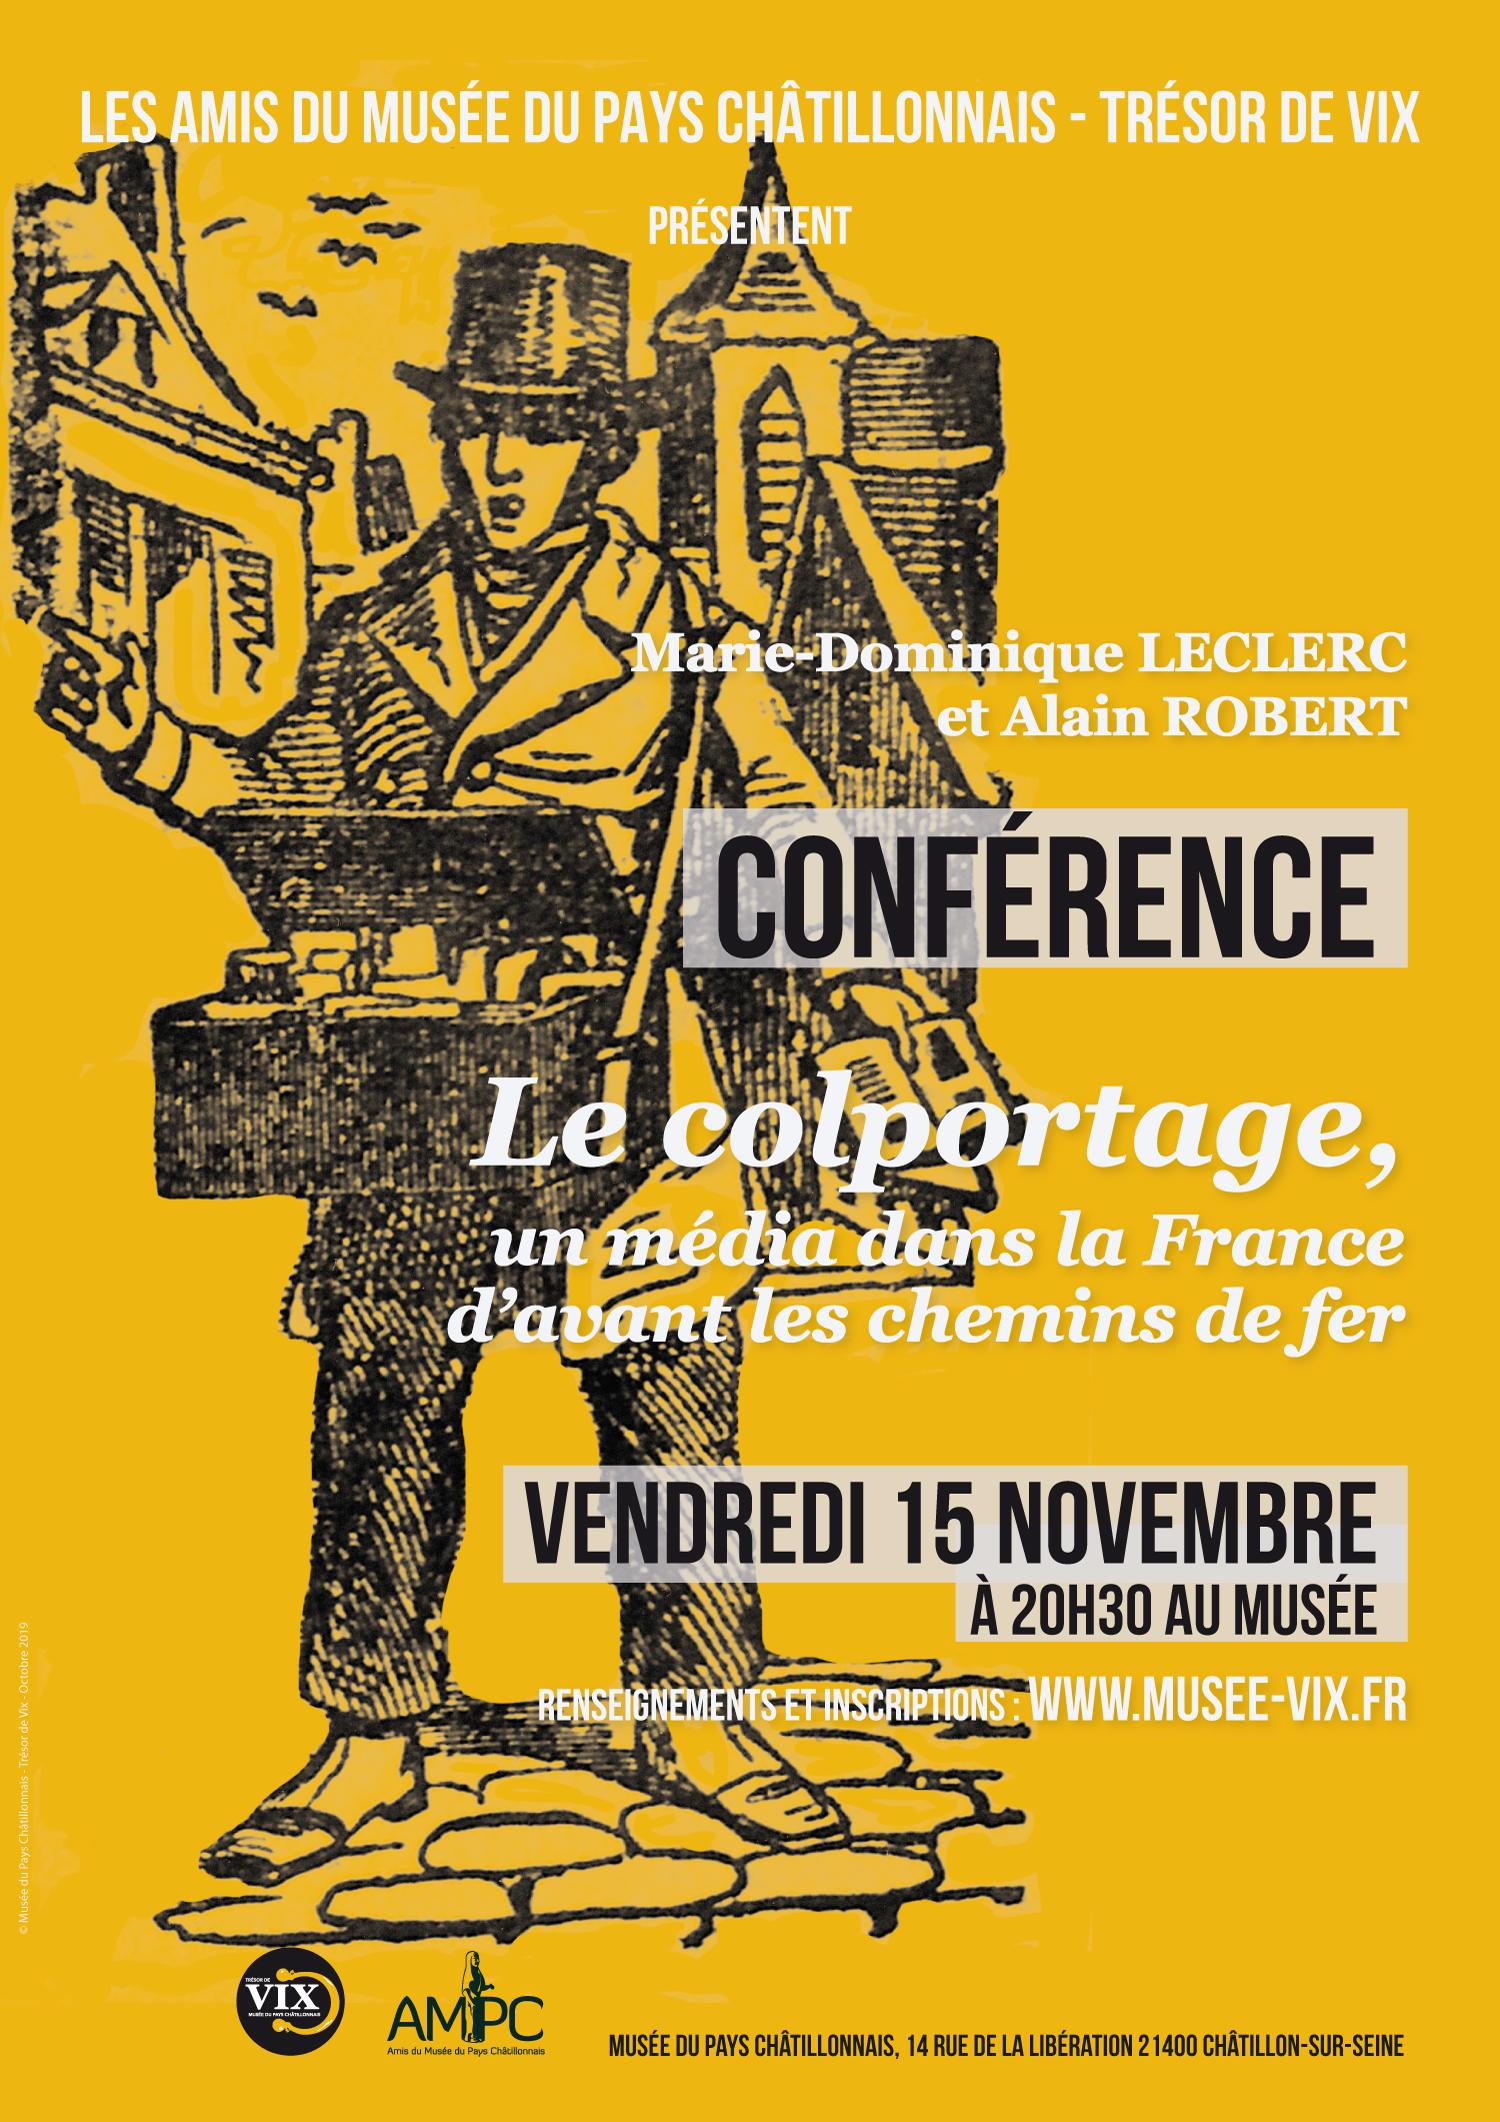 Conférence Colportage